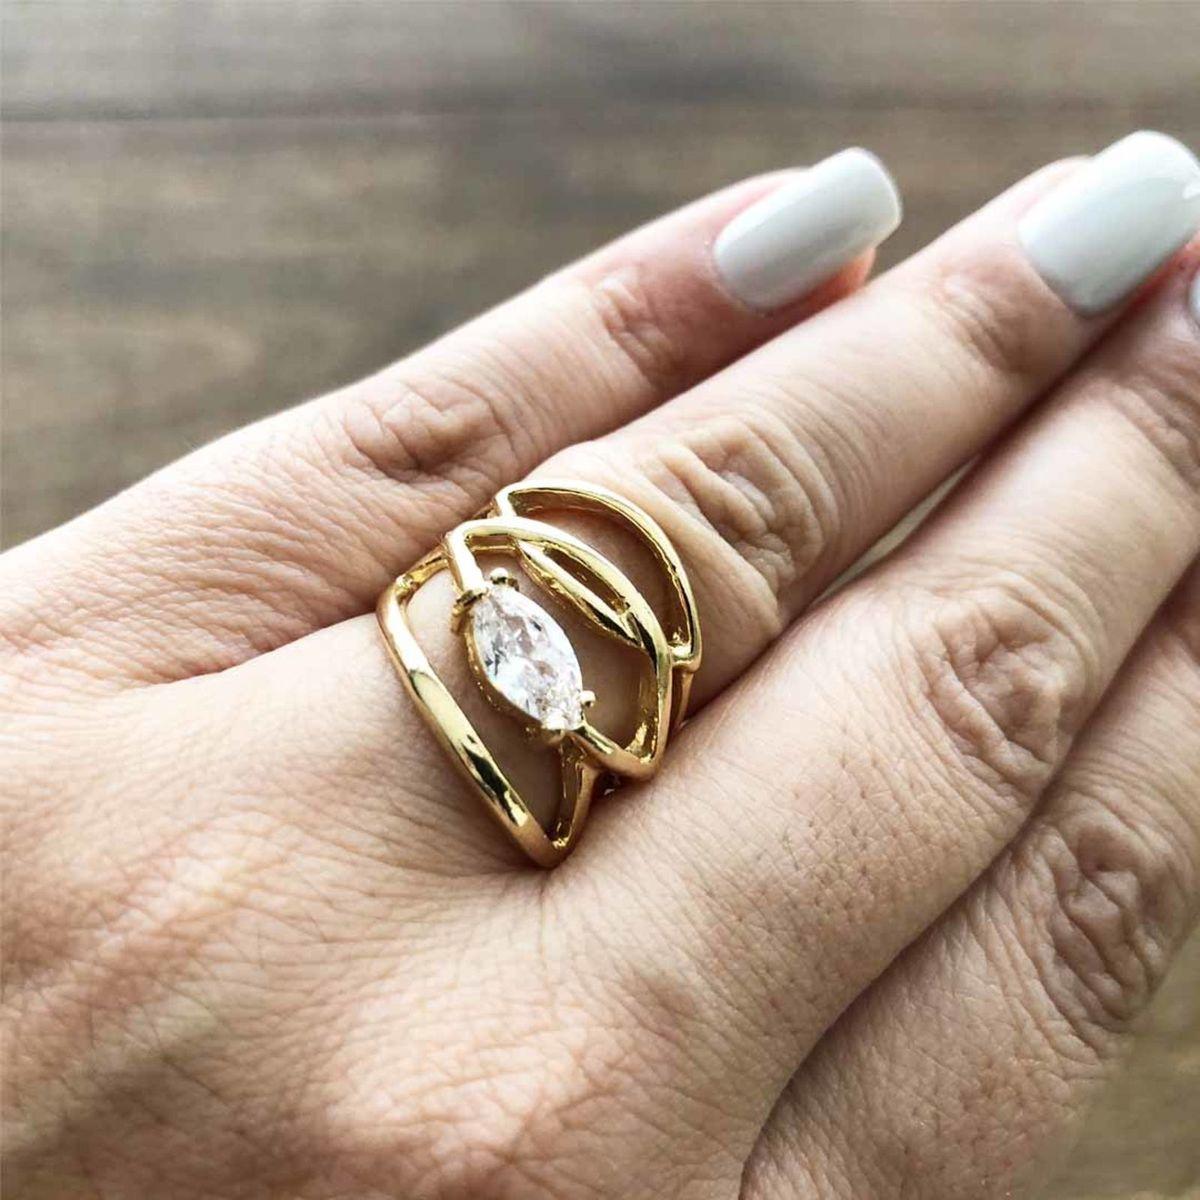 e29016ec0ca76 anel feminino de luxo banhado em ouro 18k semi joia - jóias vivan semijoias  e acessórios